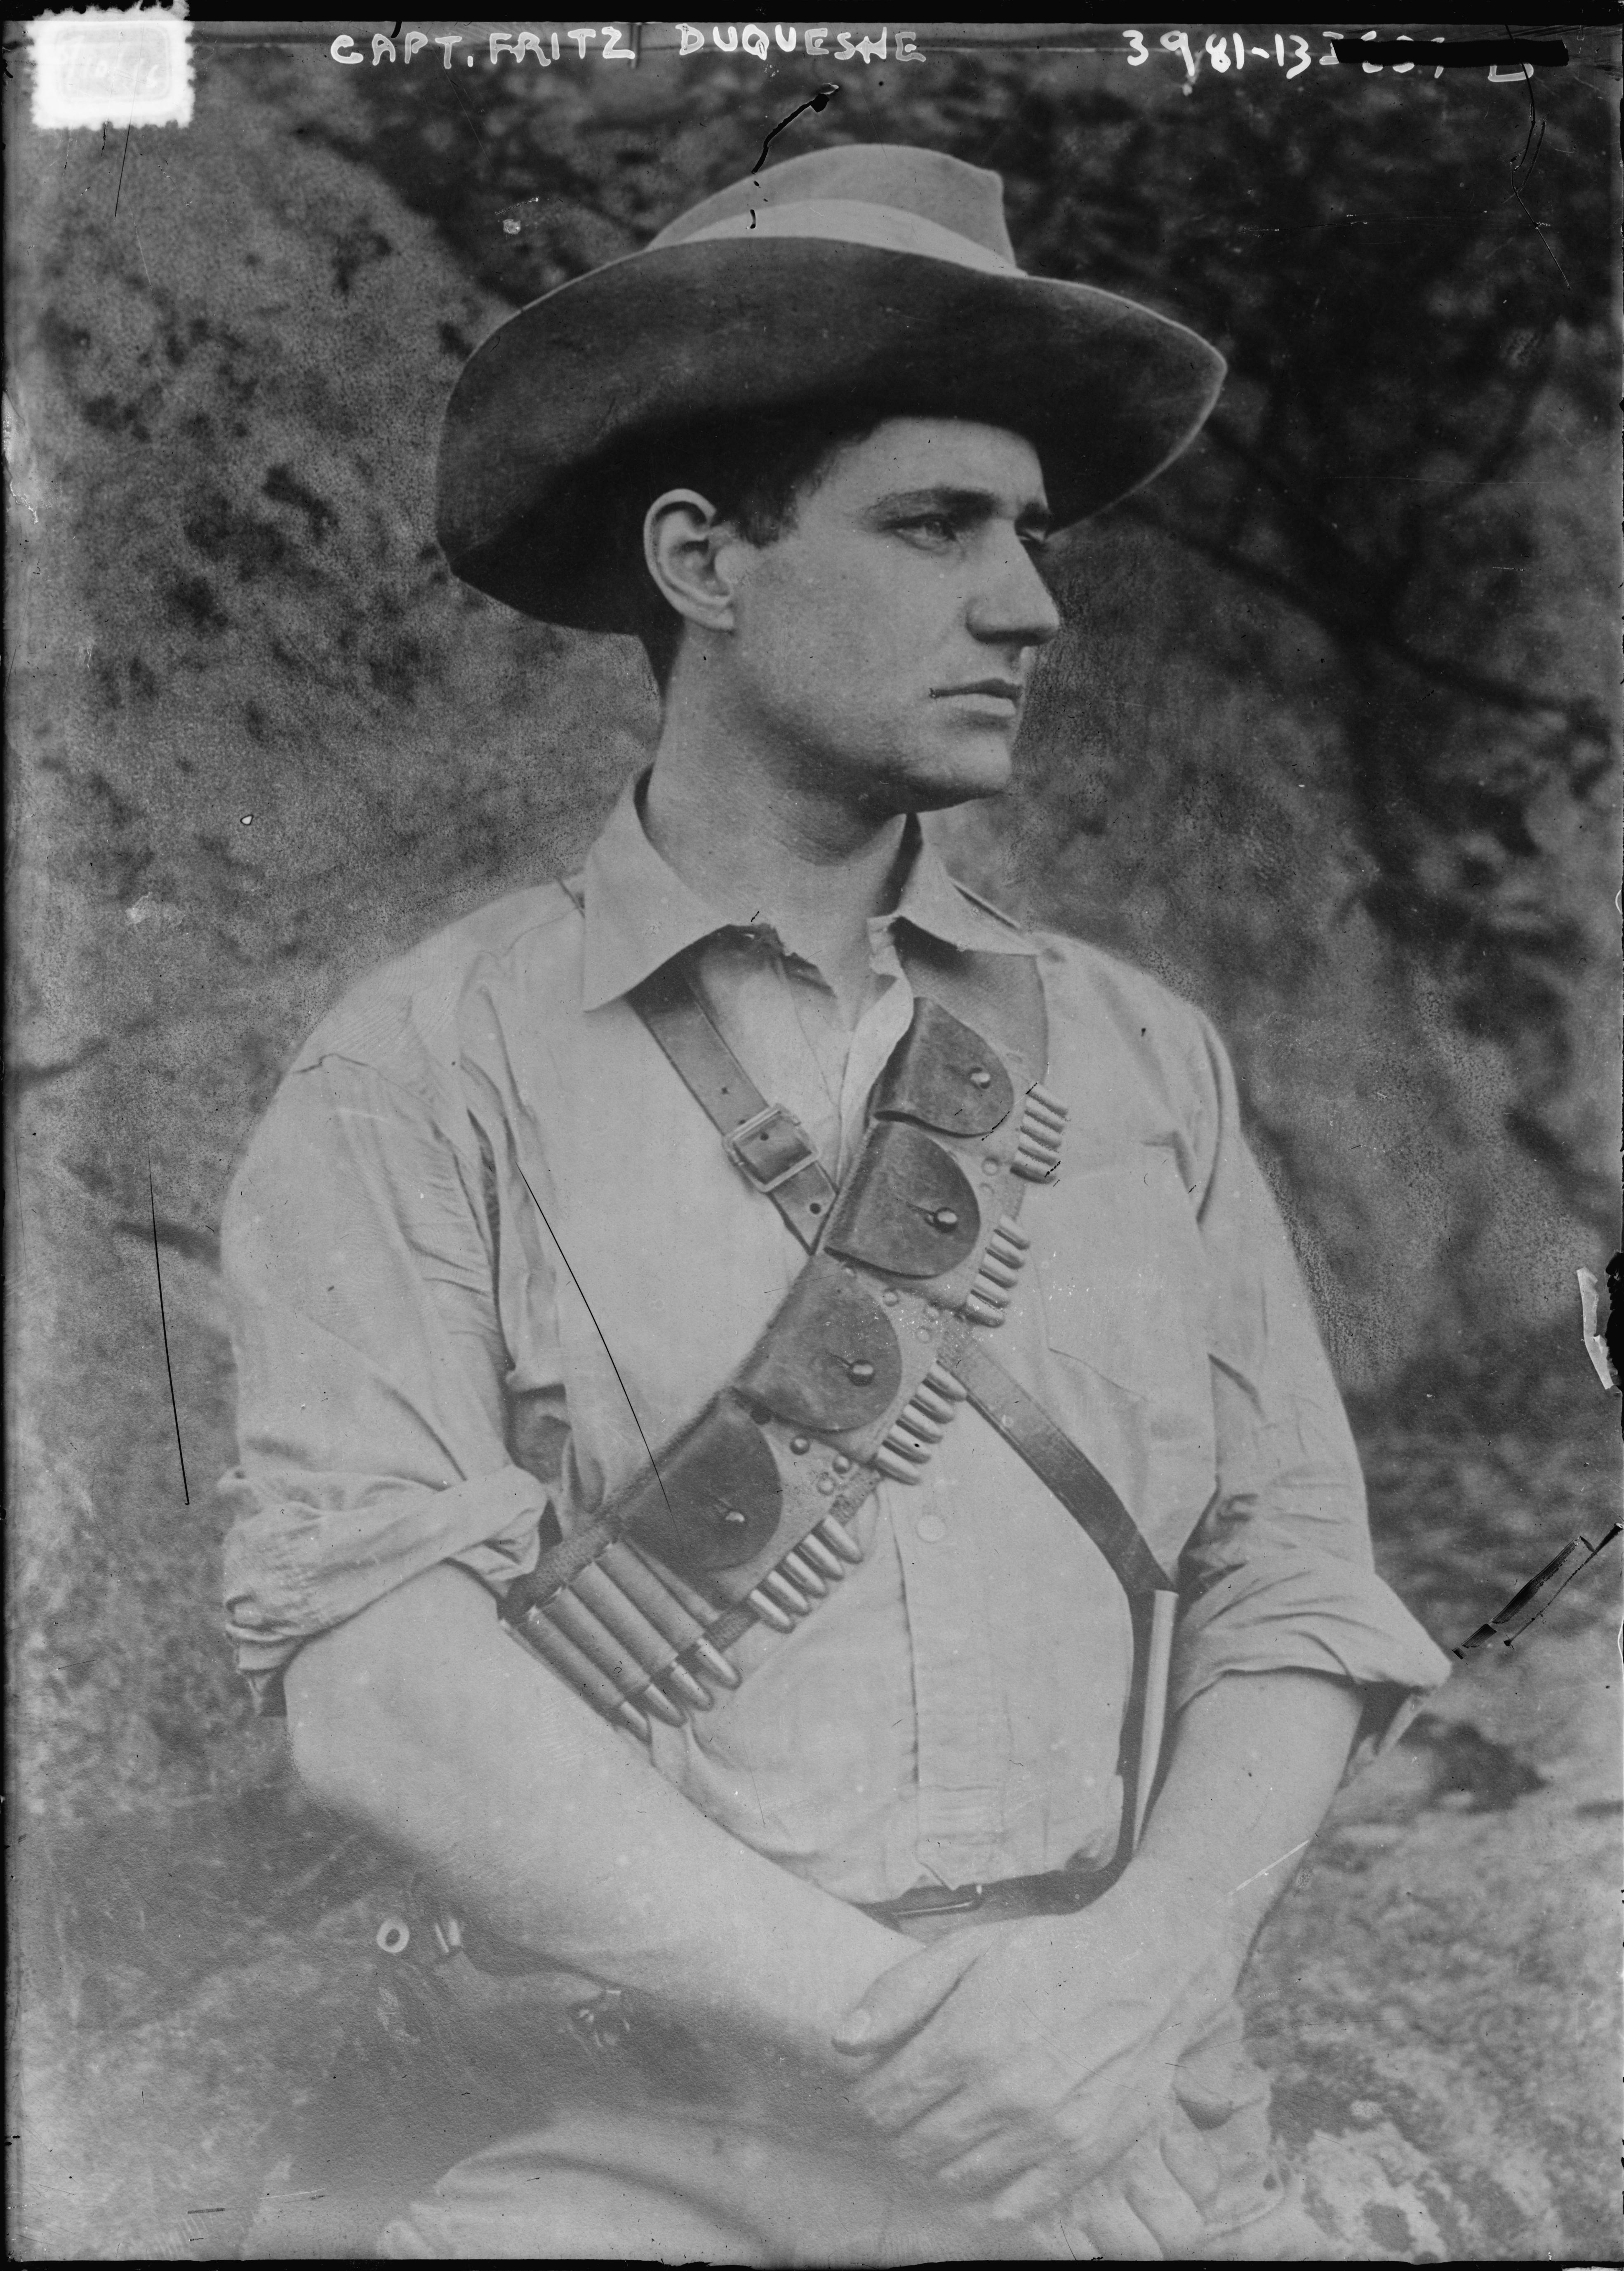 Captain Fritz Duquesne